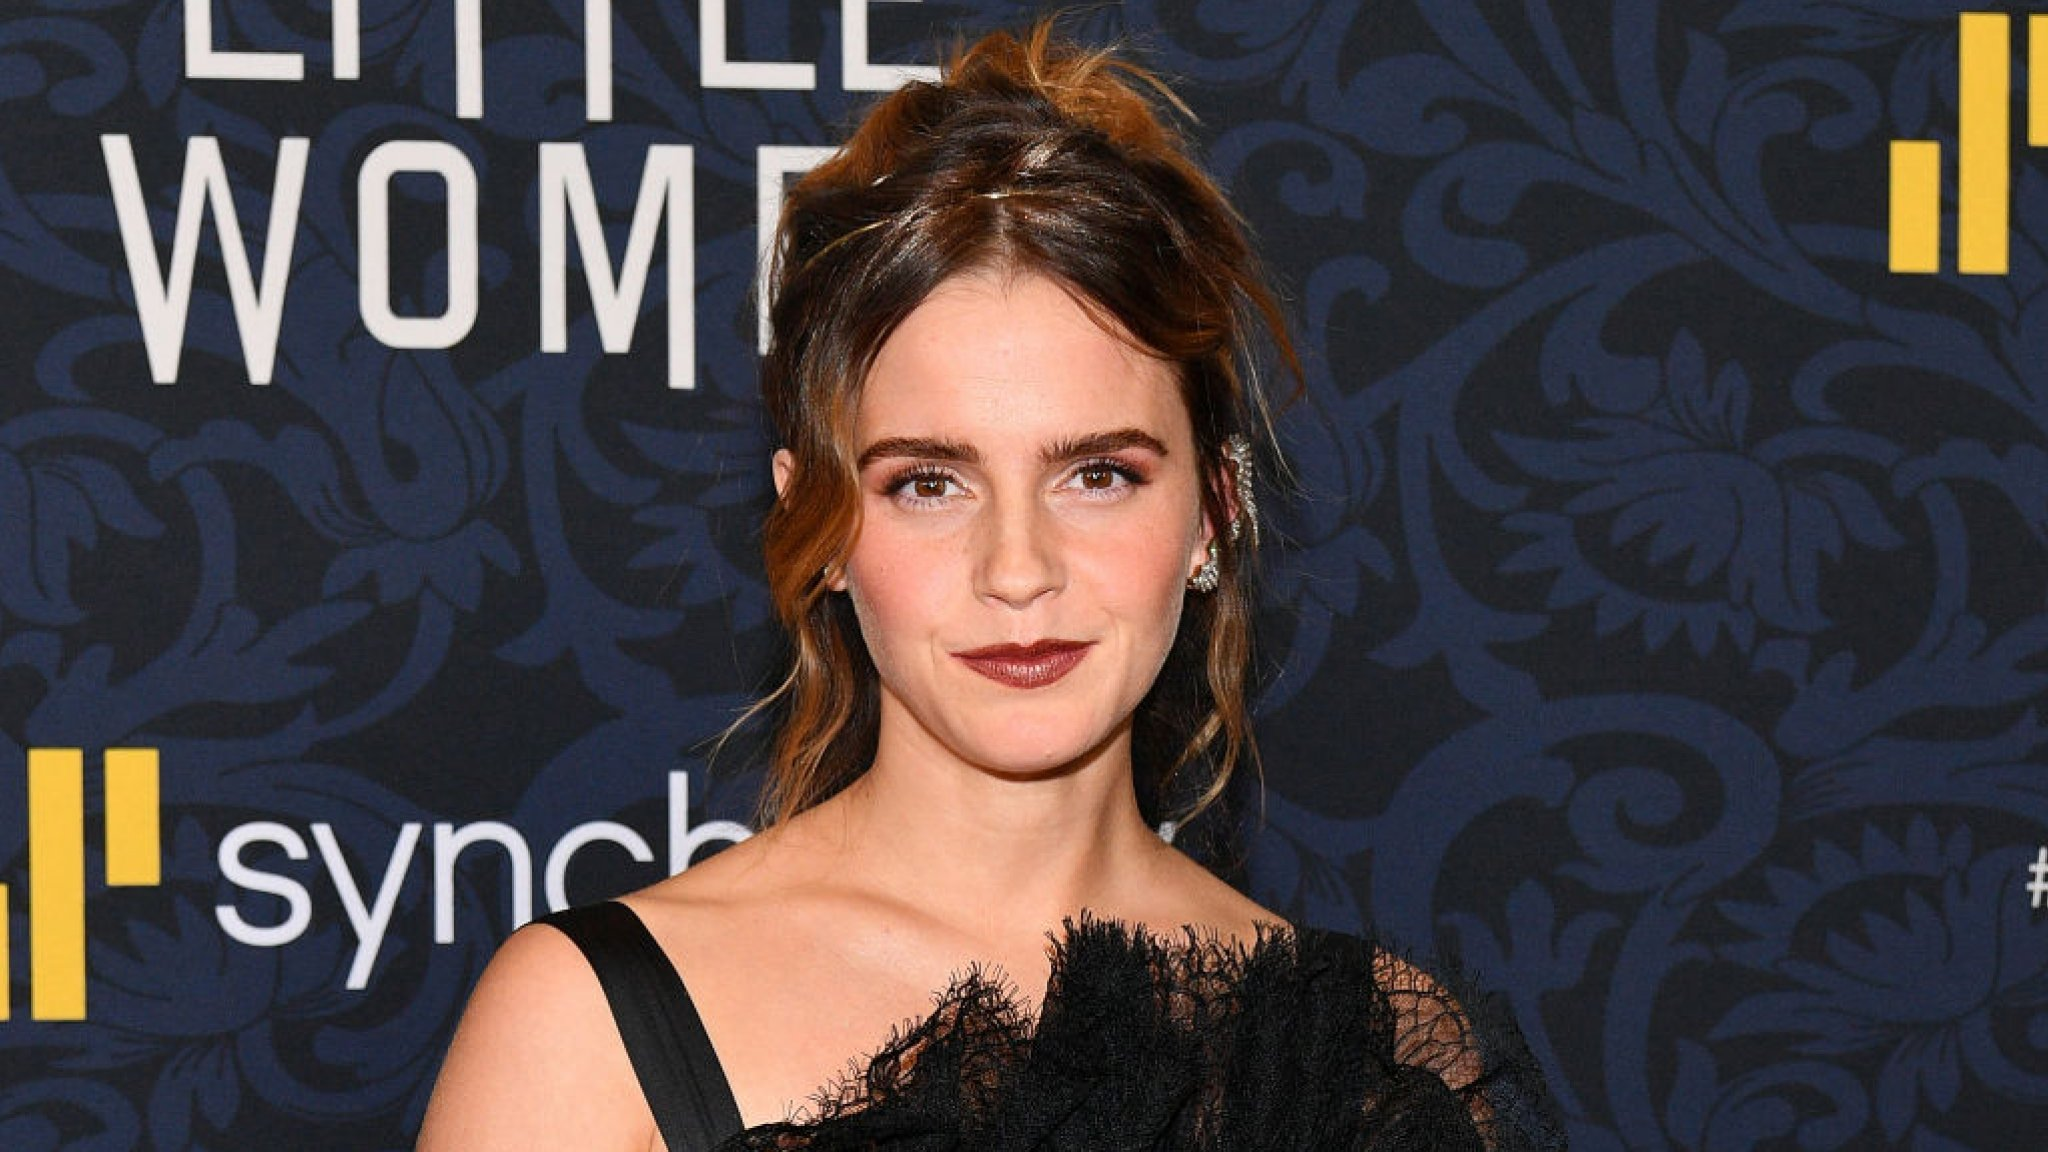 Stapt Harry Potter-actrice Emma Watson in het huwelijksbootje? - RTL Boulevard